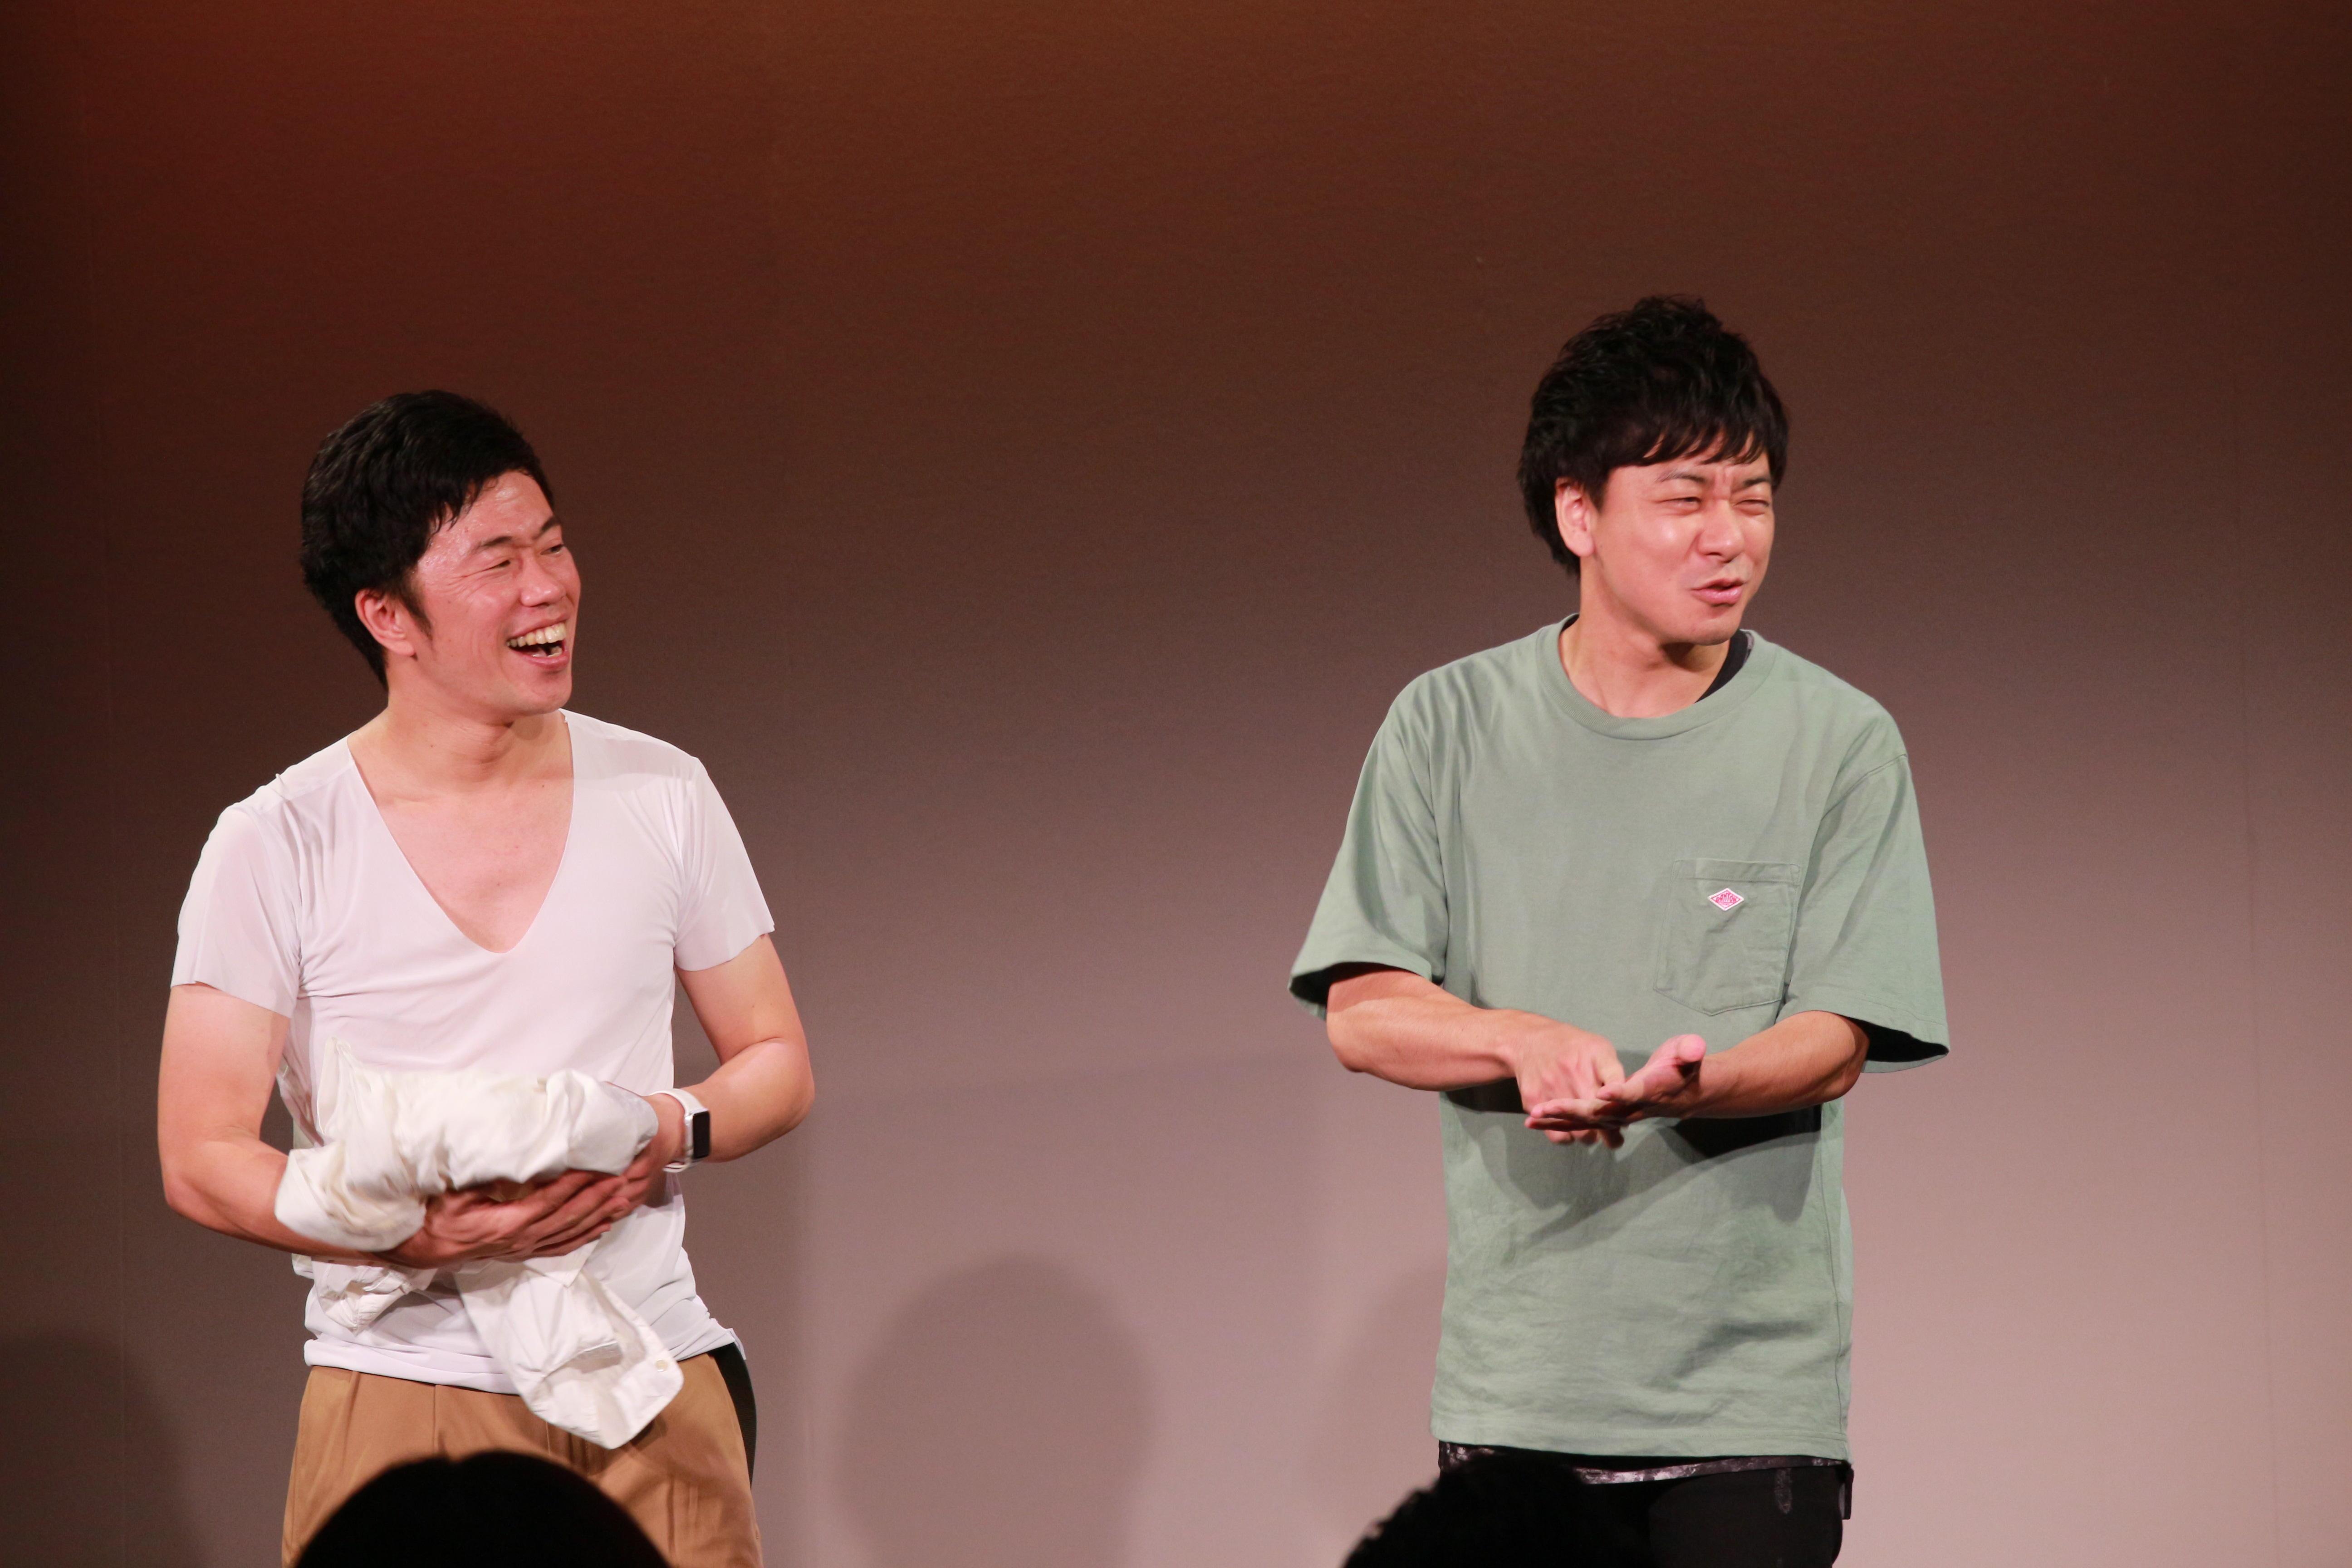 http://news.yoshimoto.co.jp/20180804231511-b356bab3b952b8c8ac81af52d2f12543d509526a.jpg